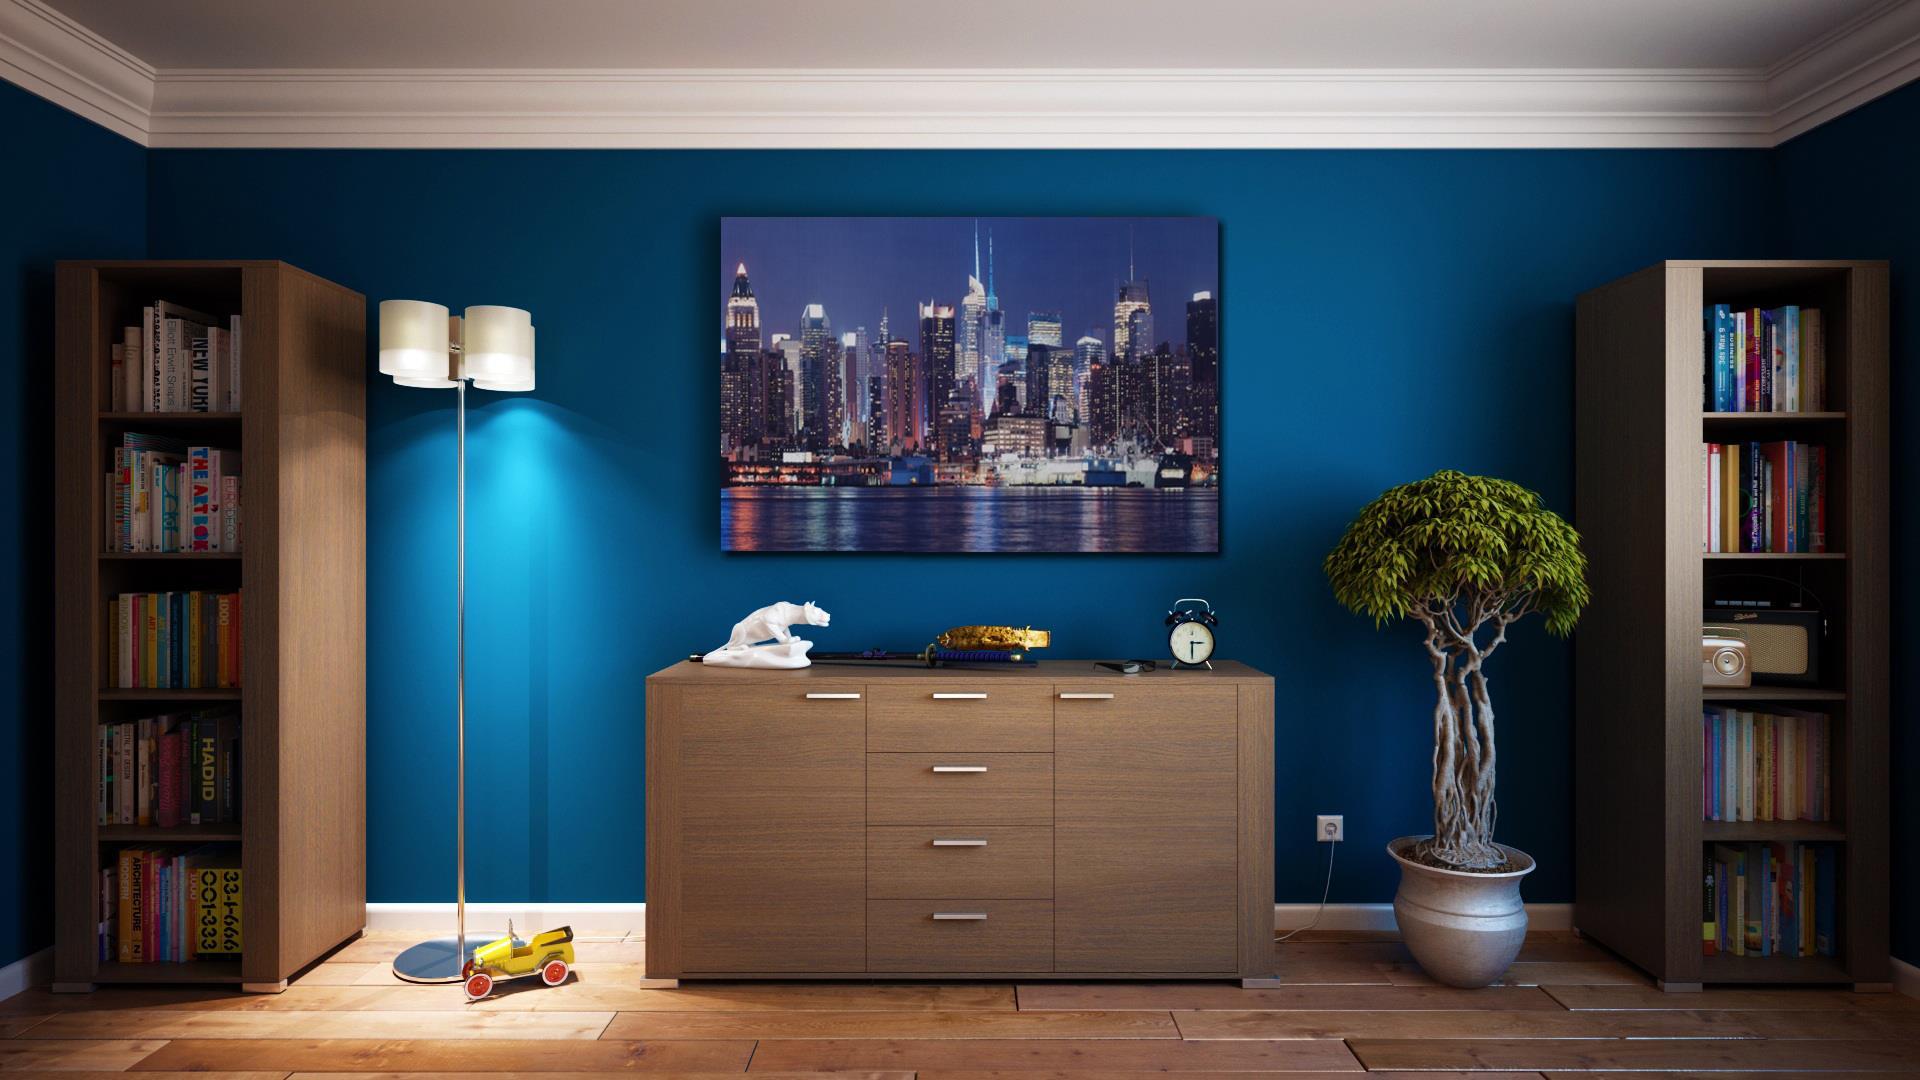 Trasládate a tu ciudad favorita con los cuadros modernos de Delicuadros 1